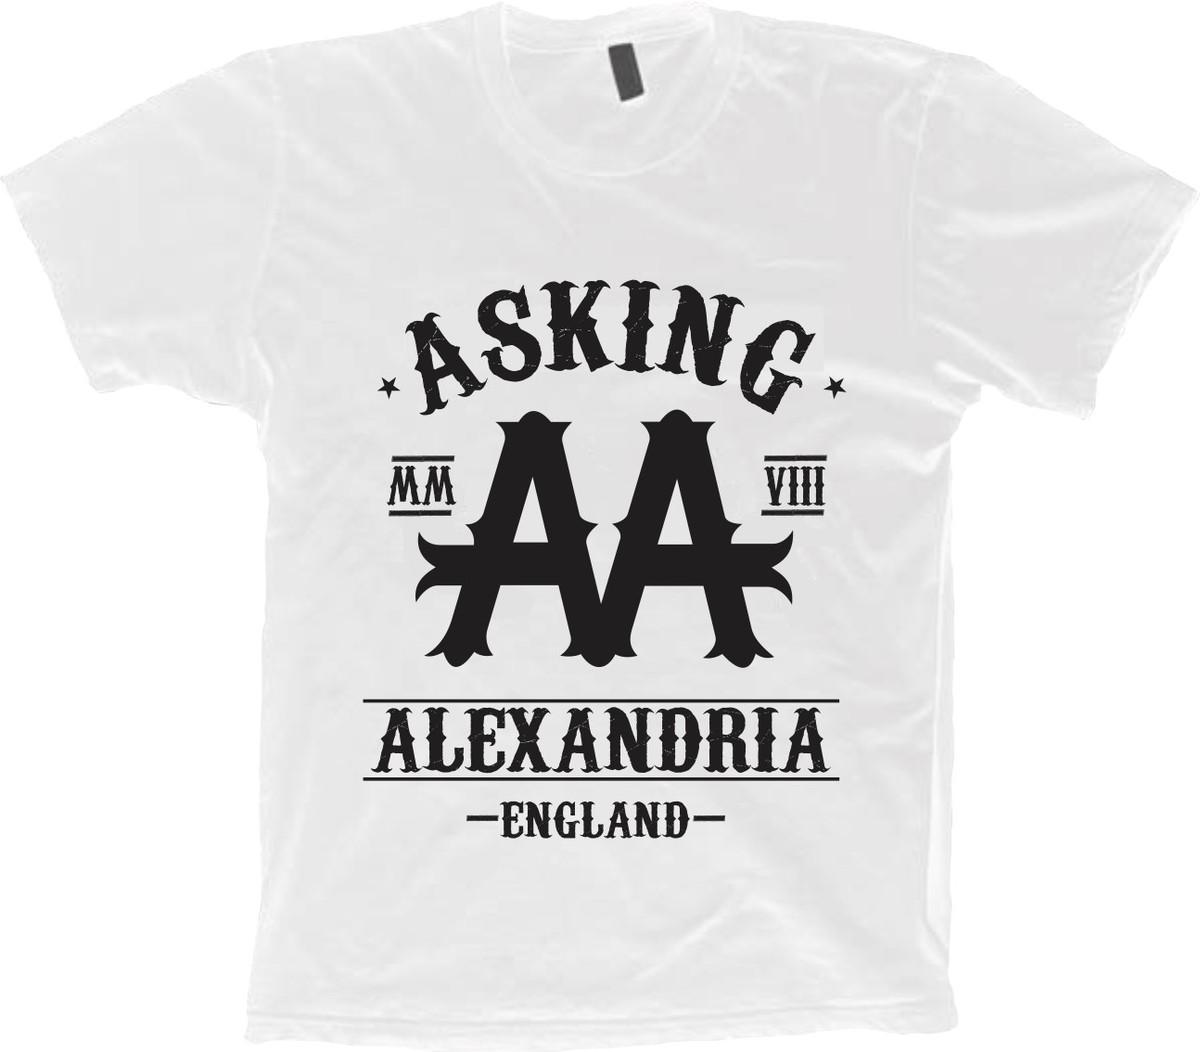 b713aa7d3f Camiseta Bandas Rock - Asking Alexandria - 100% Algodão no Elo7 ...